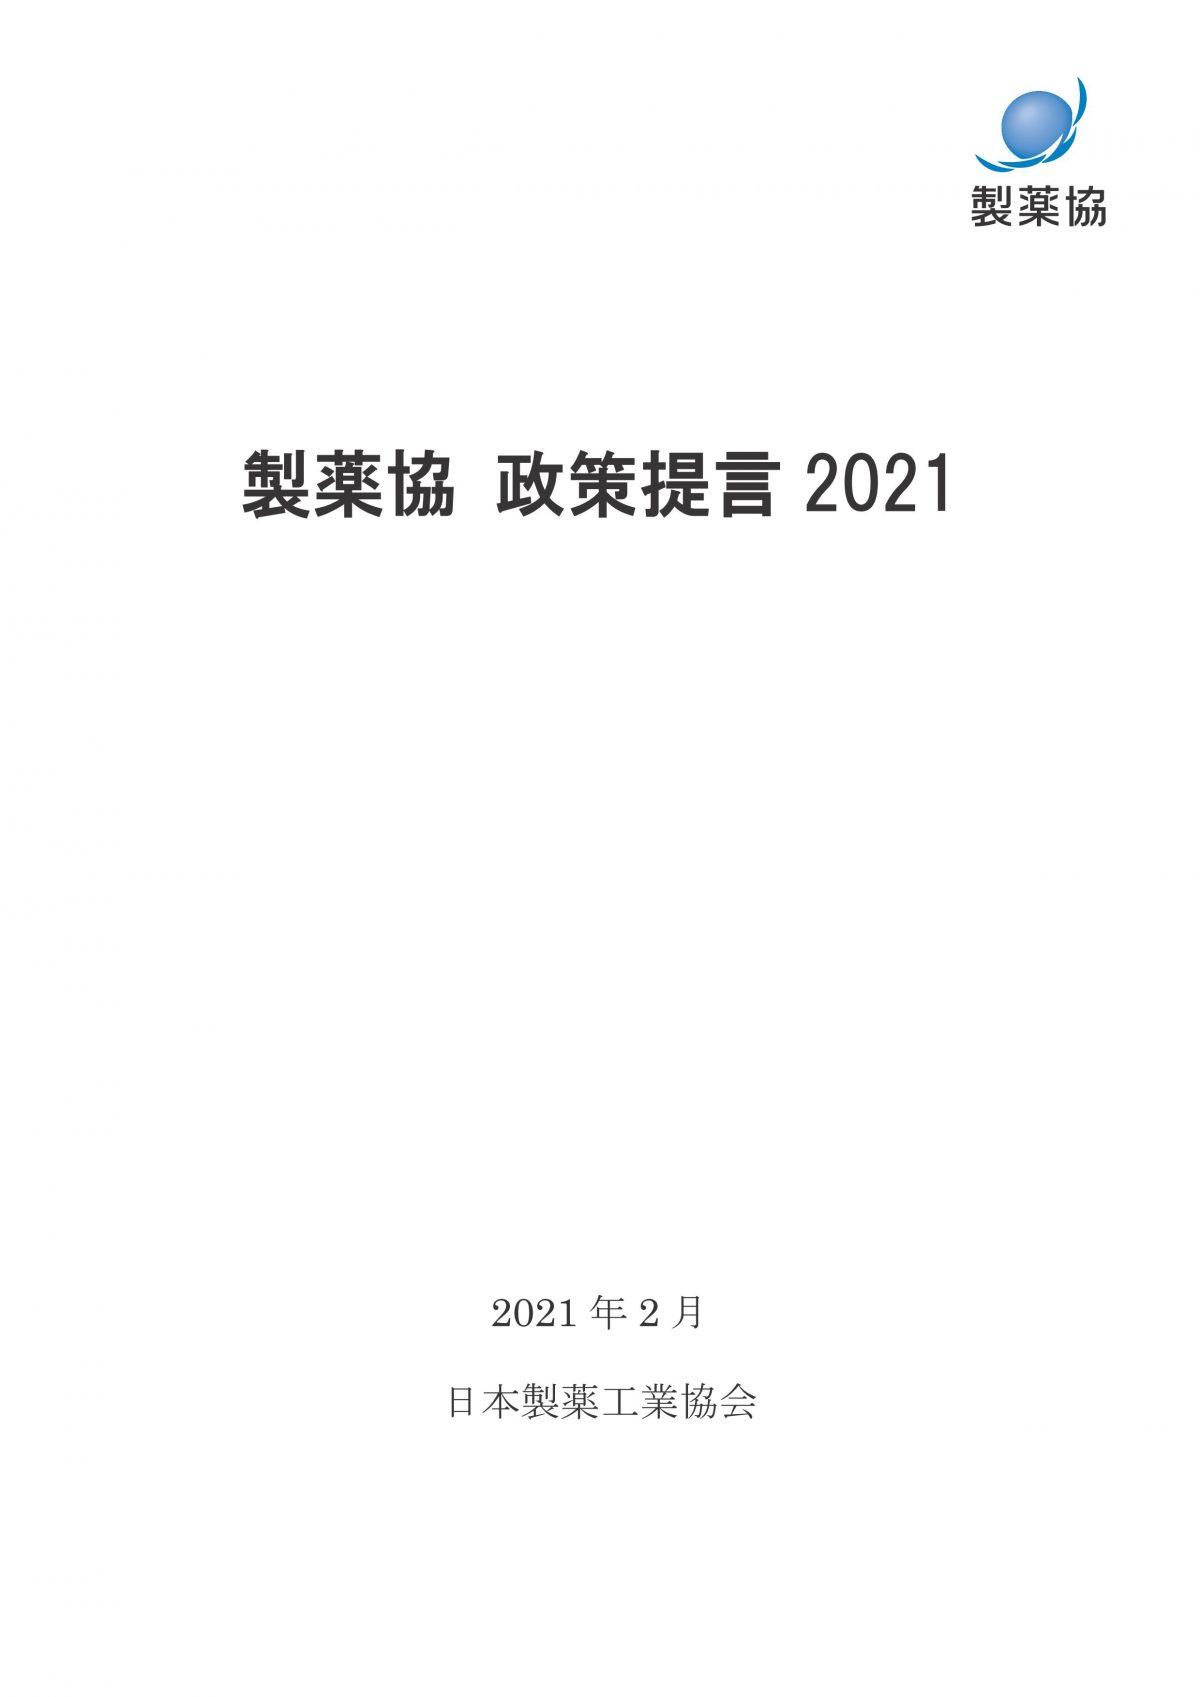 「製薬協 政策提言2021」から社会保障制度の未来を予想する